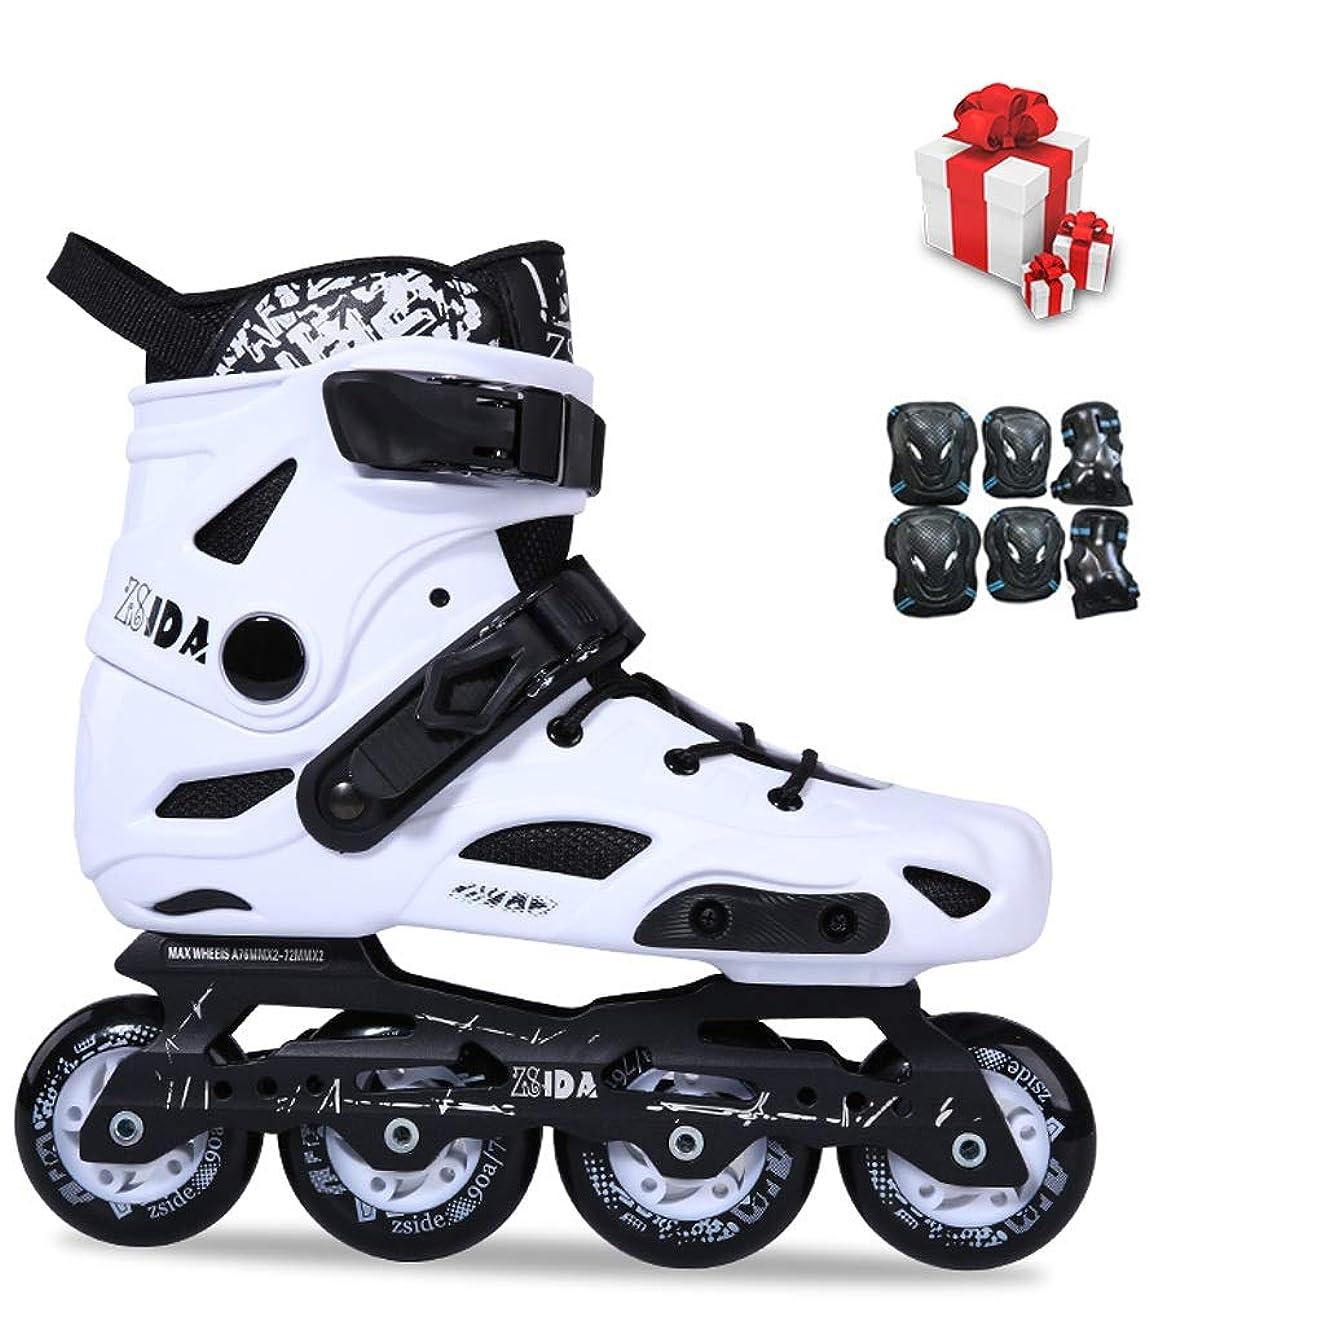 バーベキューディスカウント重大インラインスケート 初心者の成人プロのインラインスケート靴、高性能単列スケート靴のスケート靴、34-44ヤードオプション (Color : White, Size : EU 38/US 6/UK 5/JP 24cm)